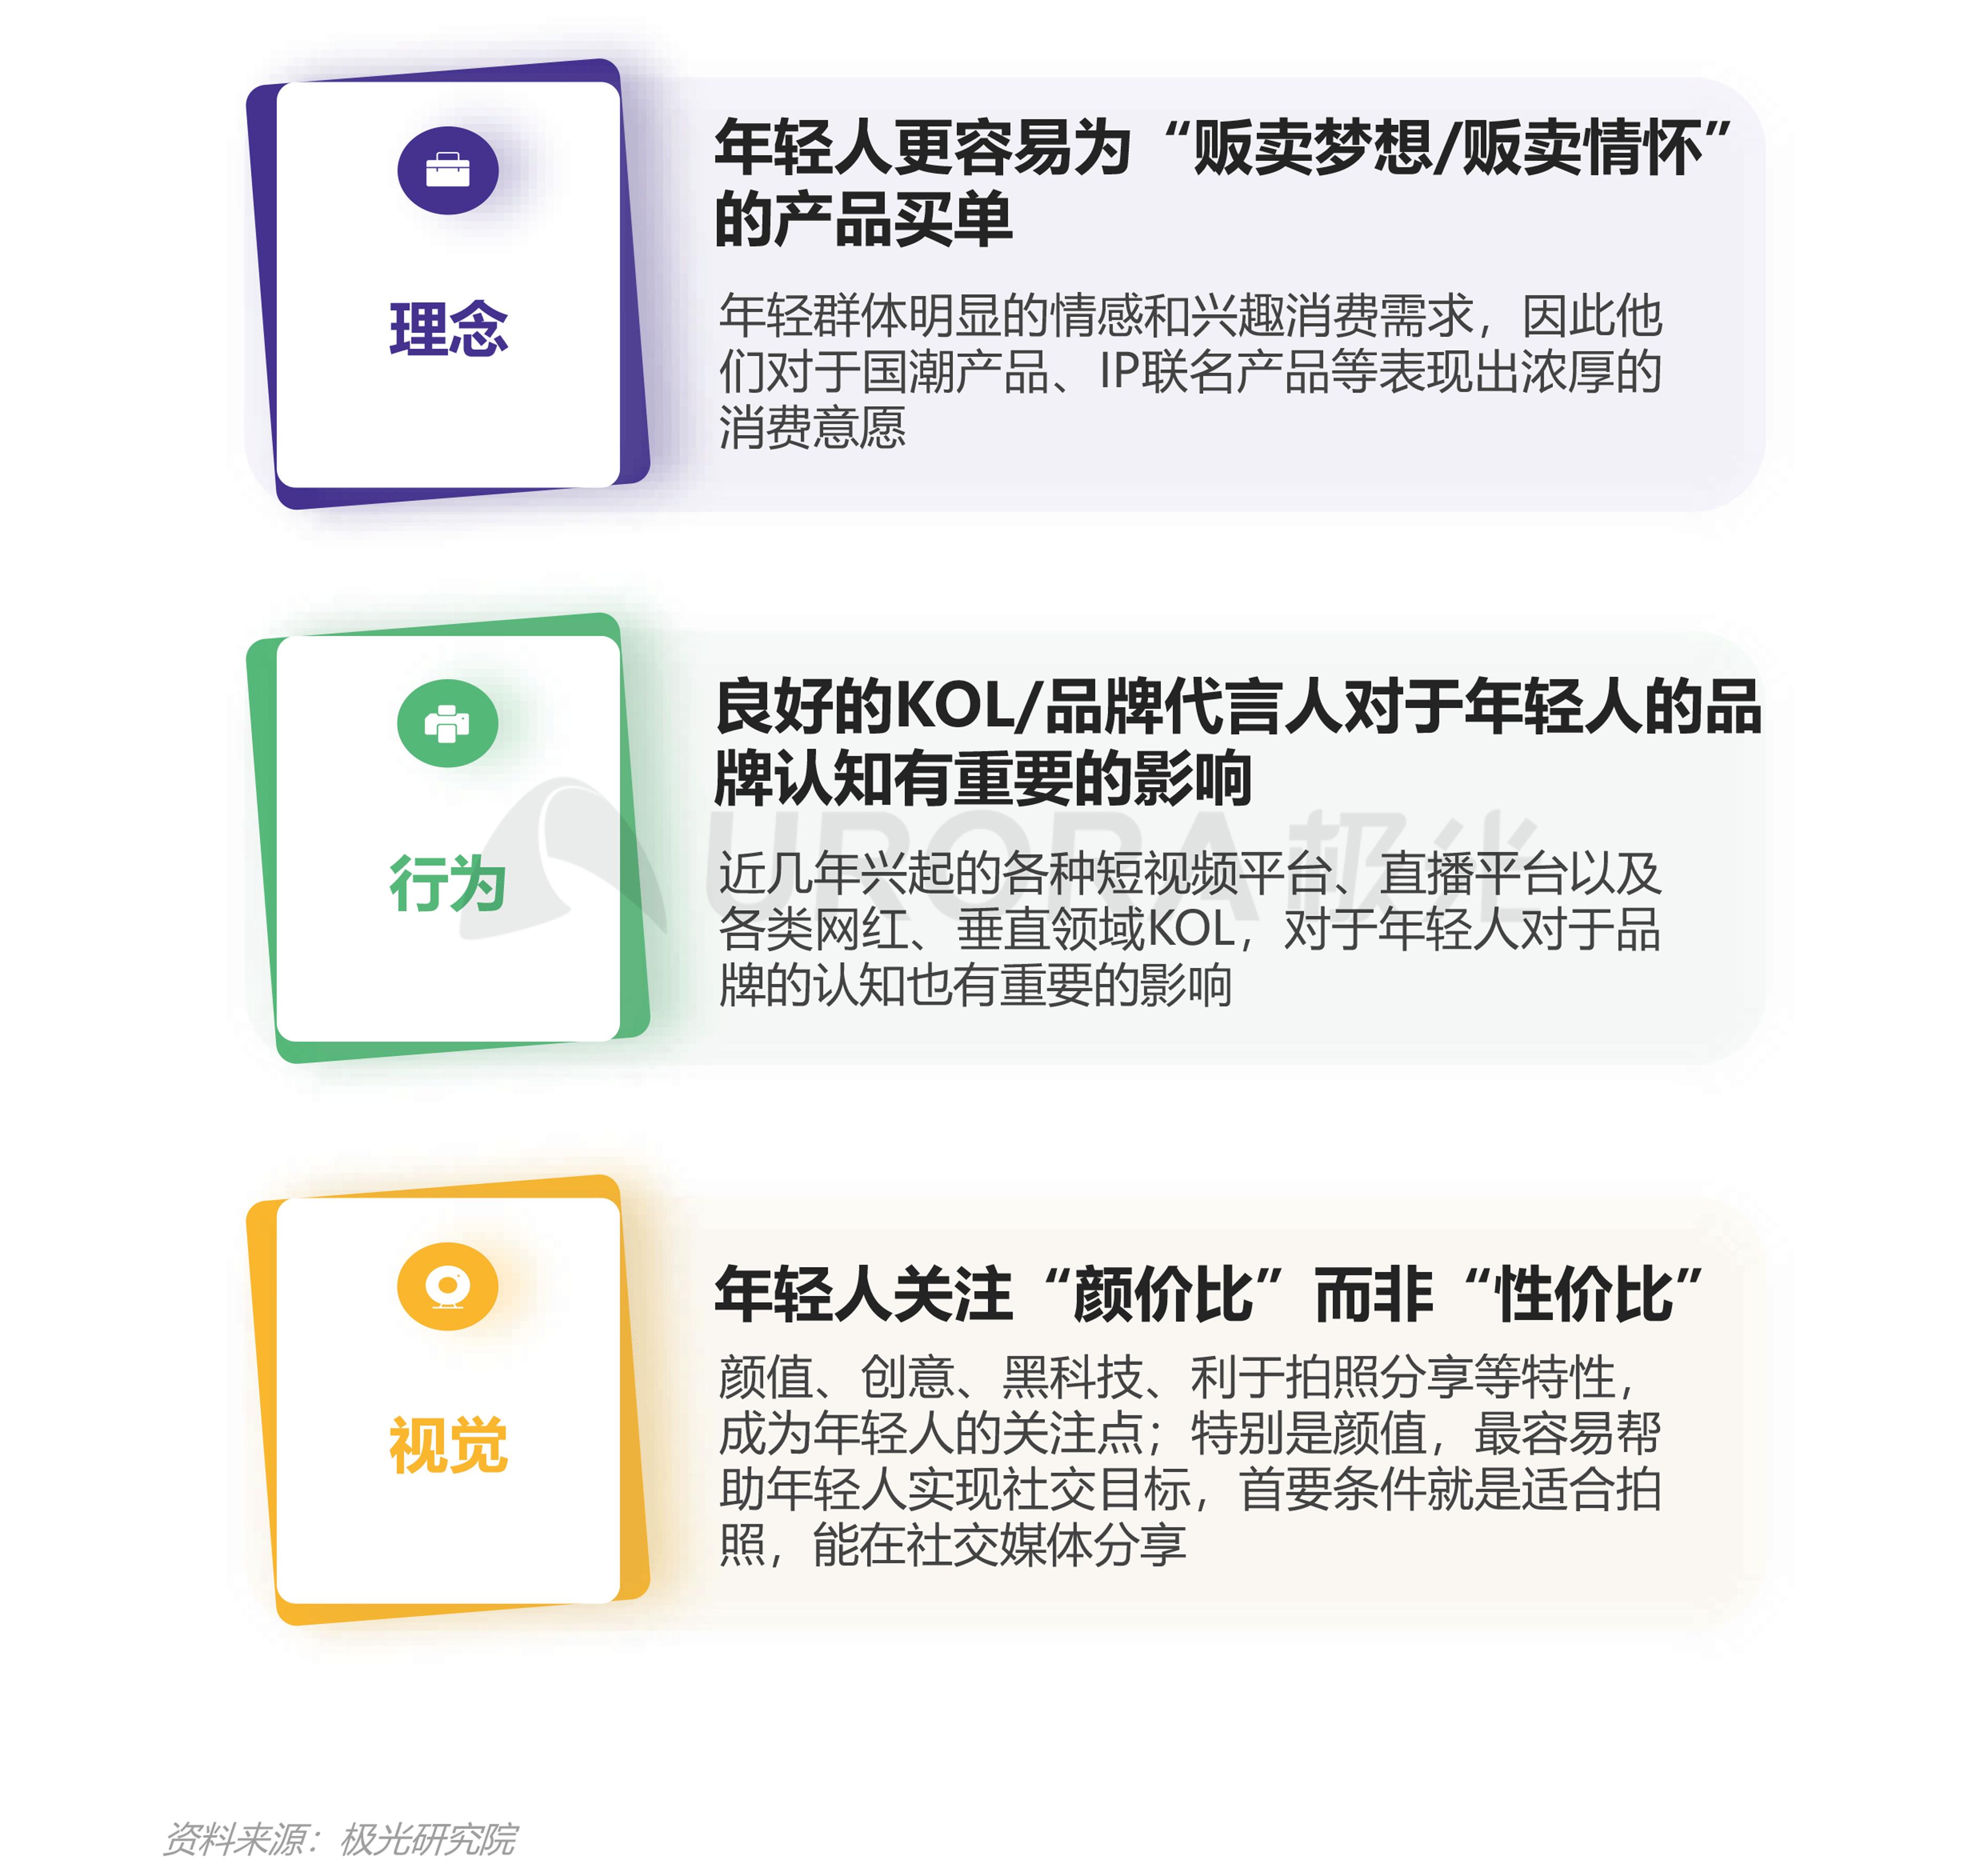 2021年轻人营销趋势研究报告【定稿】-30.png